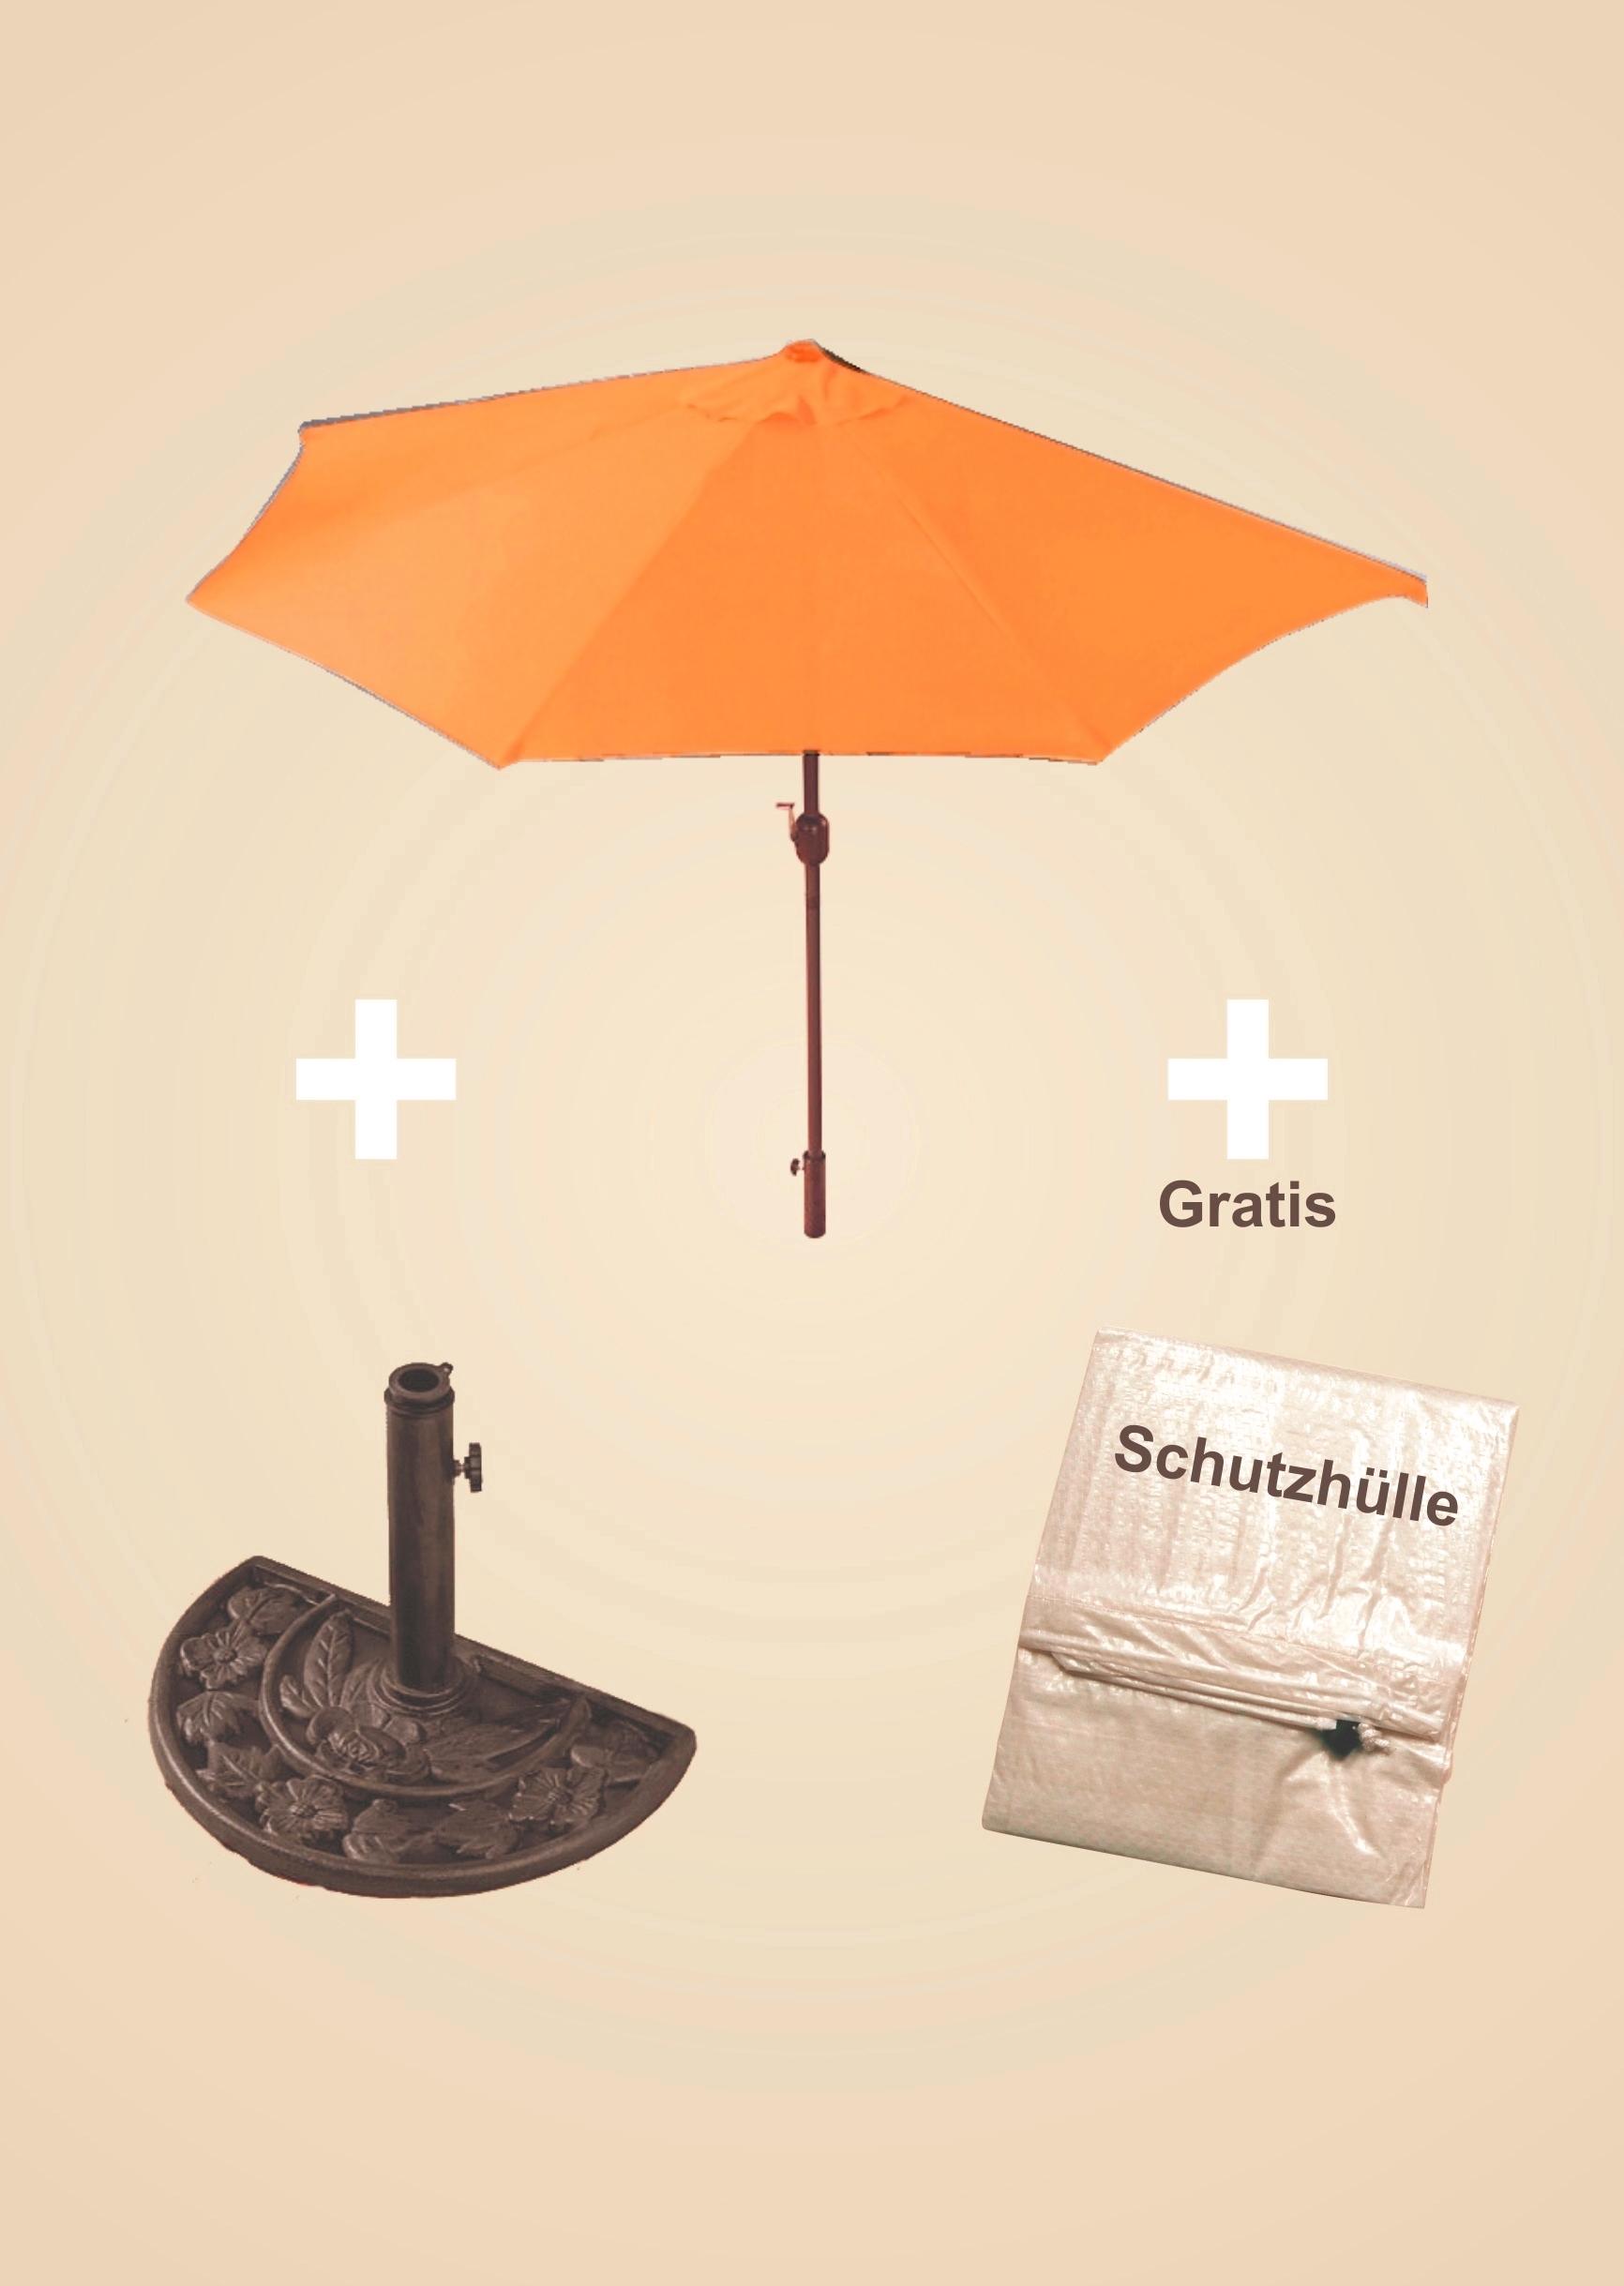 IMC Sonnenschirm-Set beige halbrund inklusive Schirmständer Kurbel günstig OVP